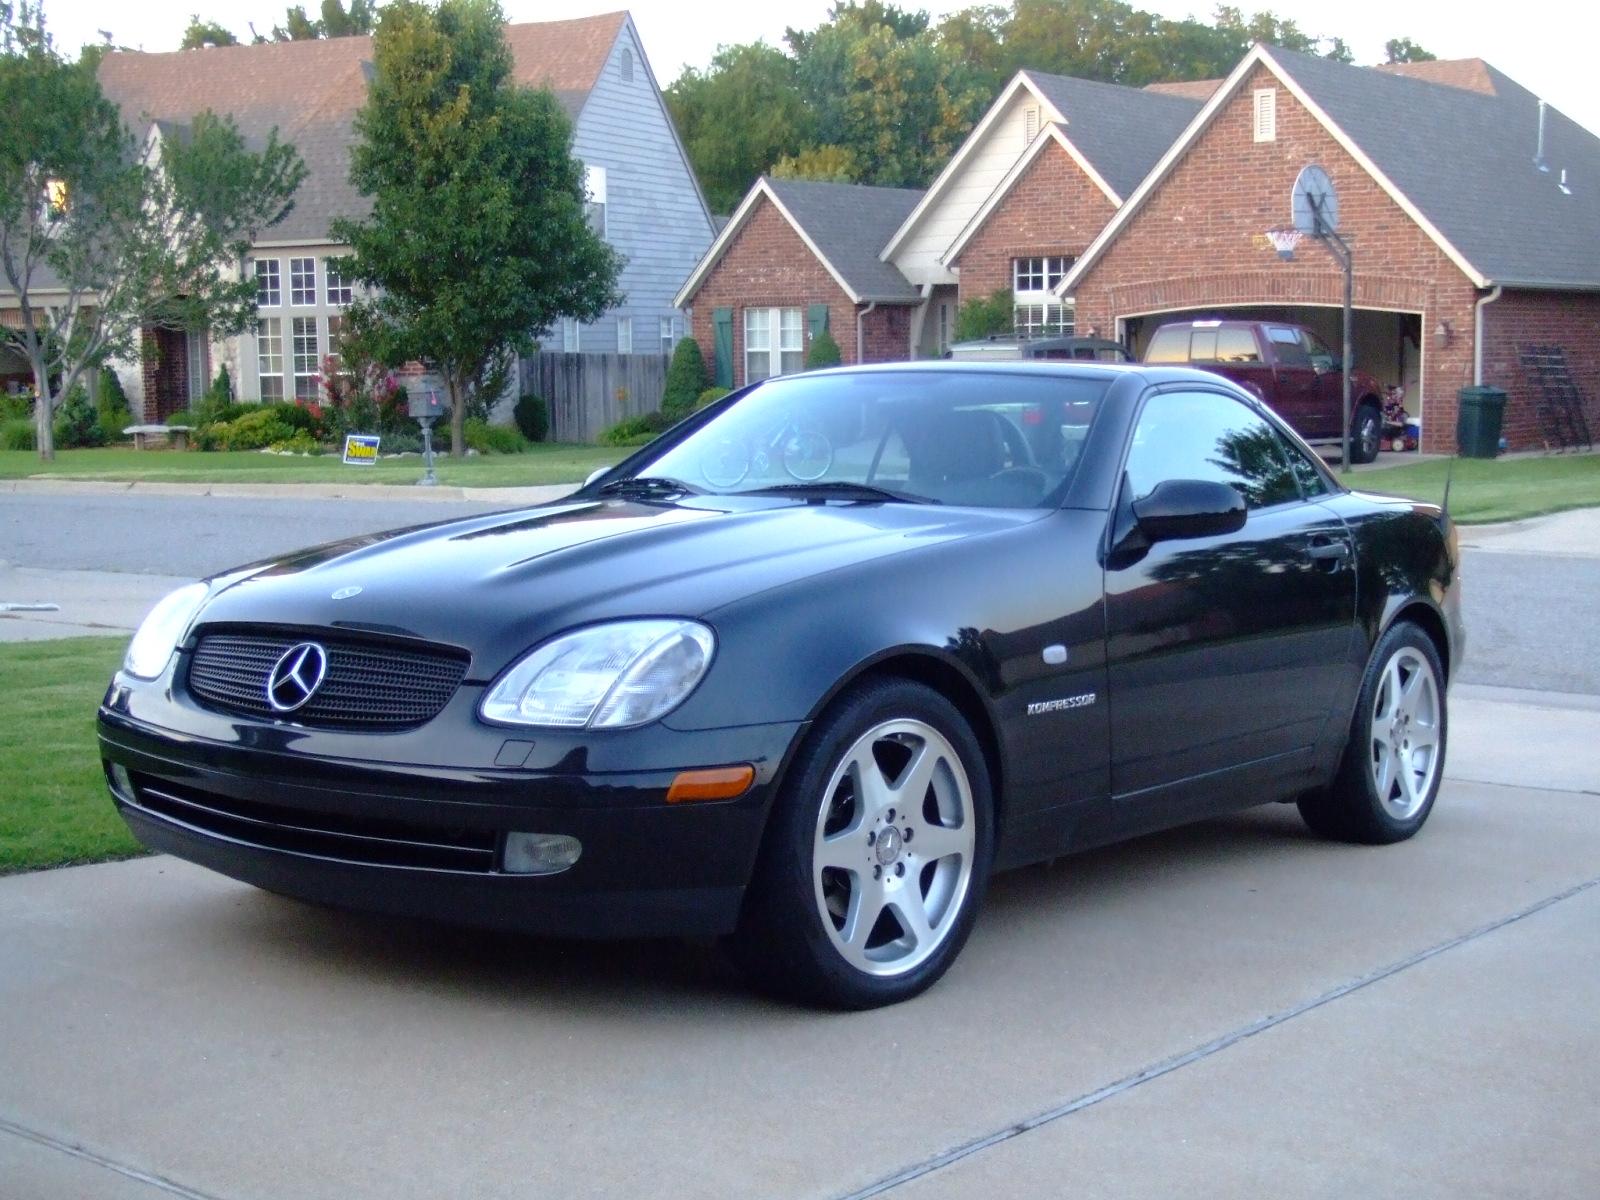 FS 2000 slk230 Limited Edition Black Tulsa oklahoma-slk230-001.jpg